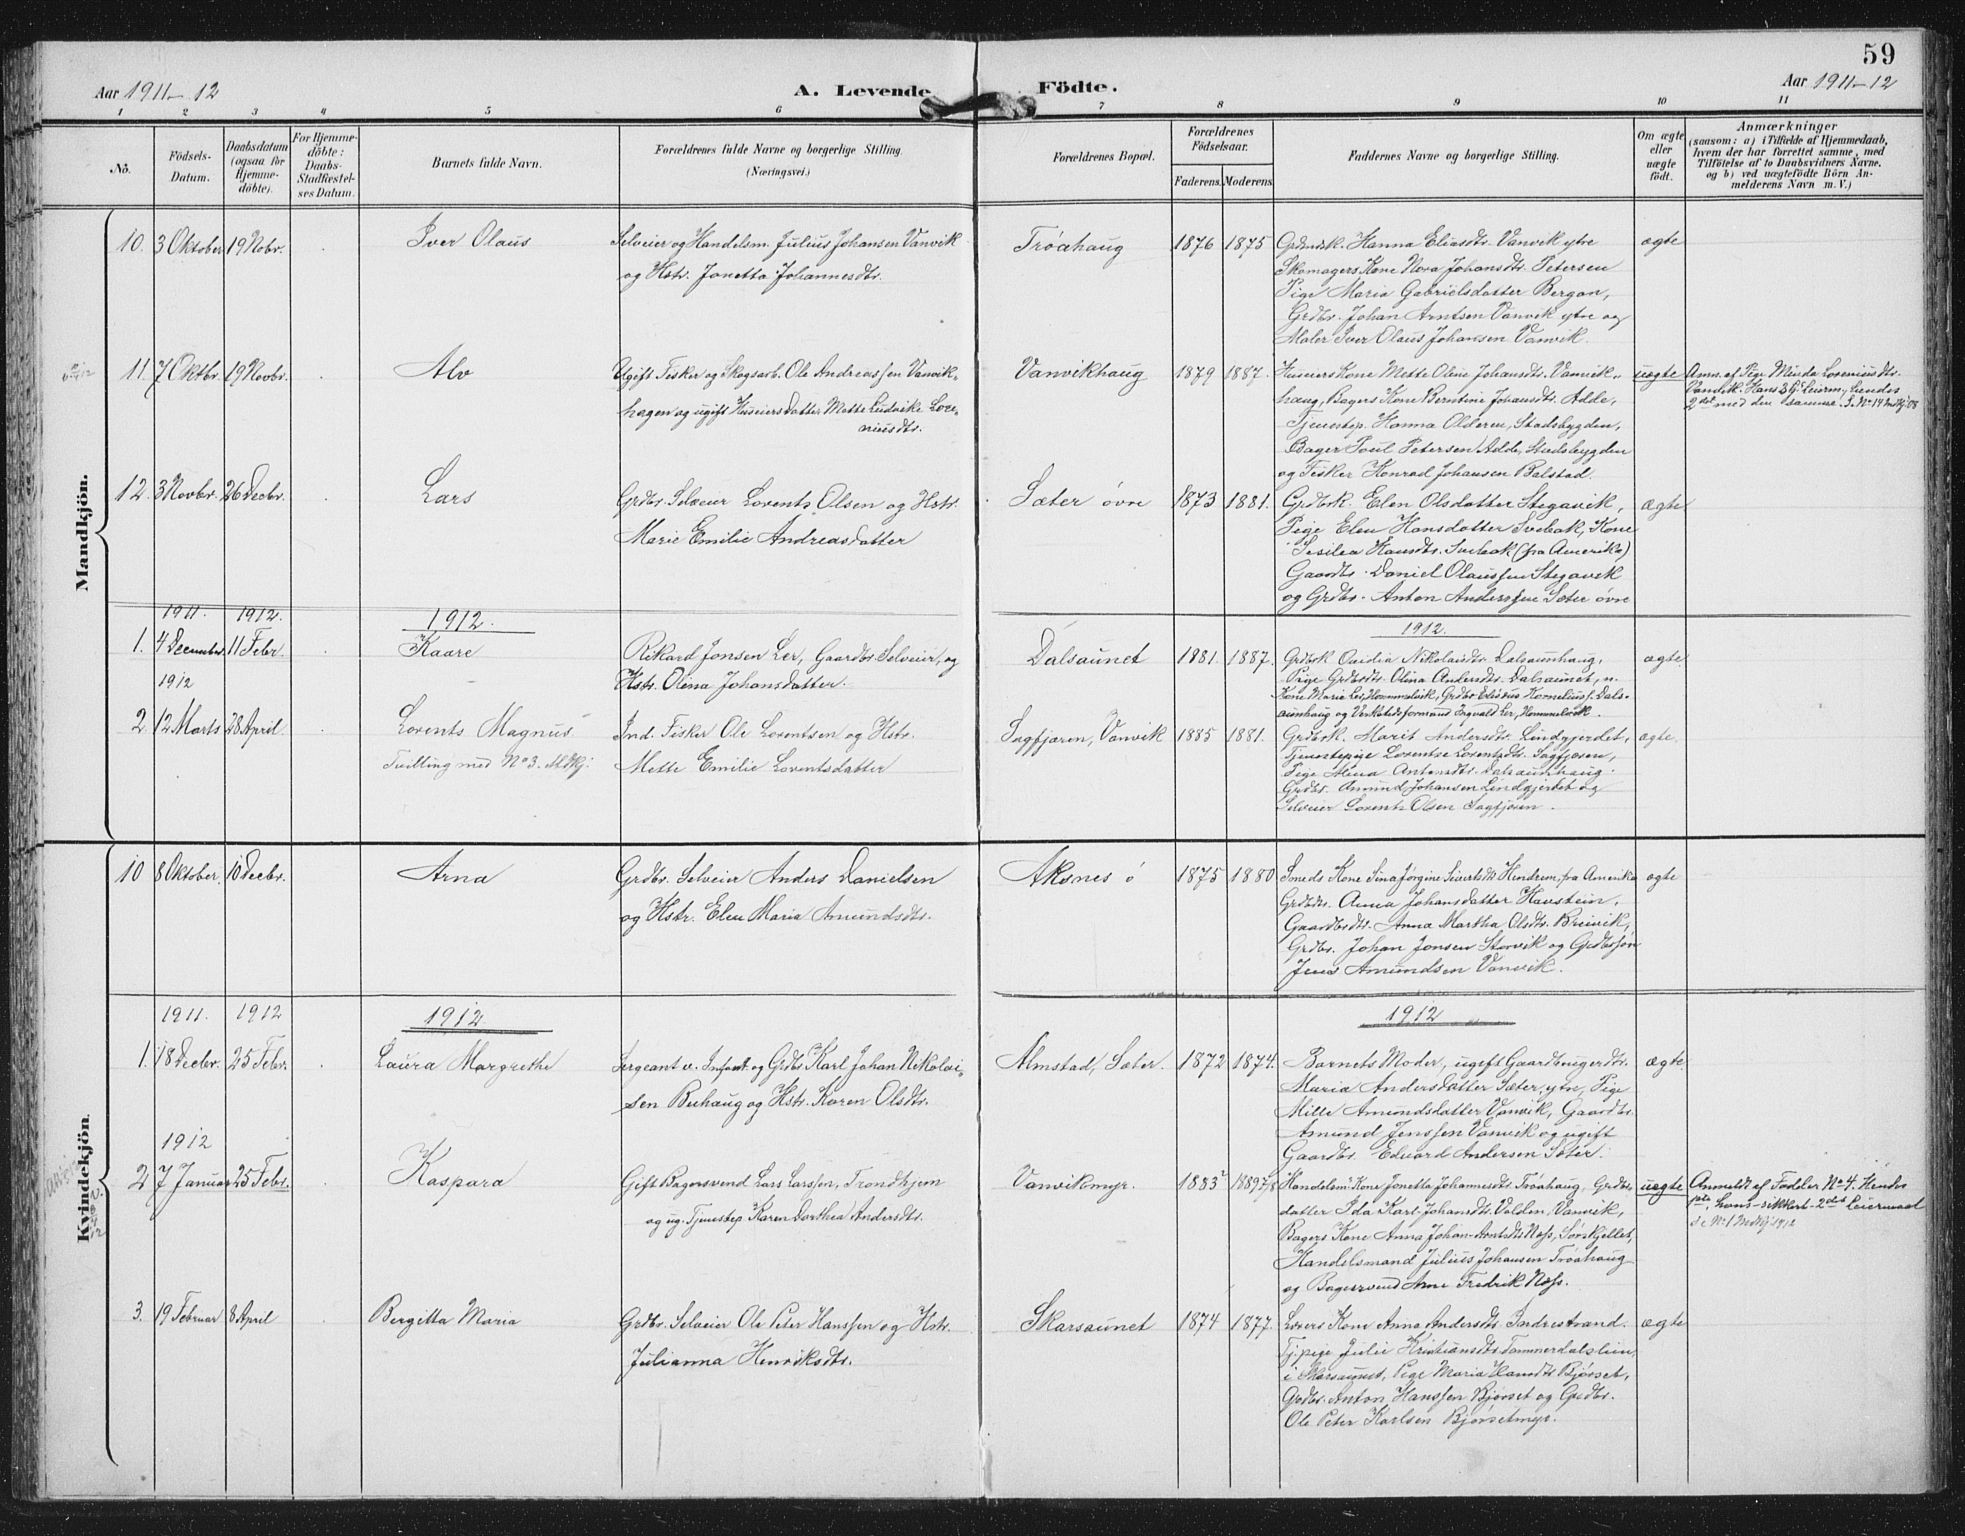 SAT, Ministerialprotokoller, klokkerbøker og fødselsregistre - Nord-Trøndelag, 702/L0024: Ministerialbok nr. 702A02, 1898-1914, s. 59